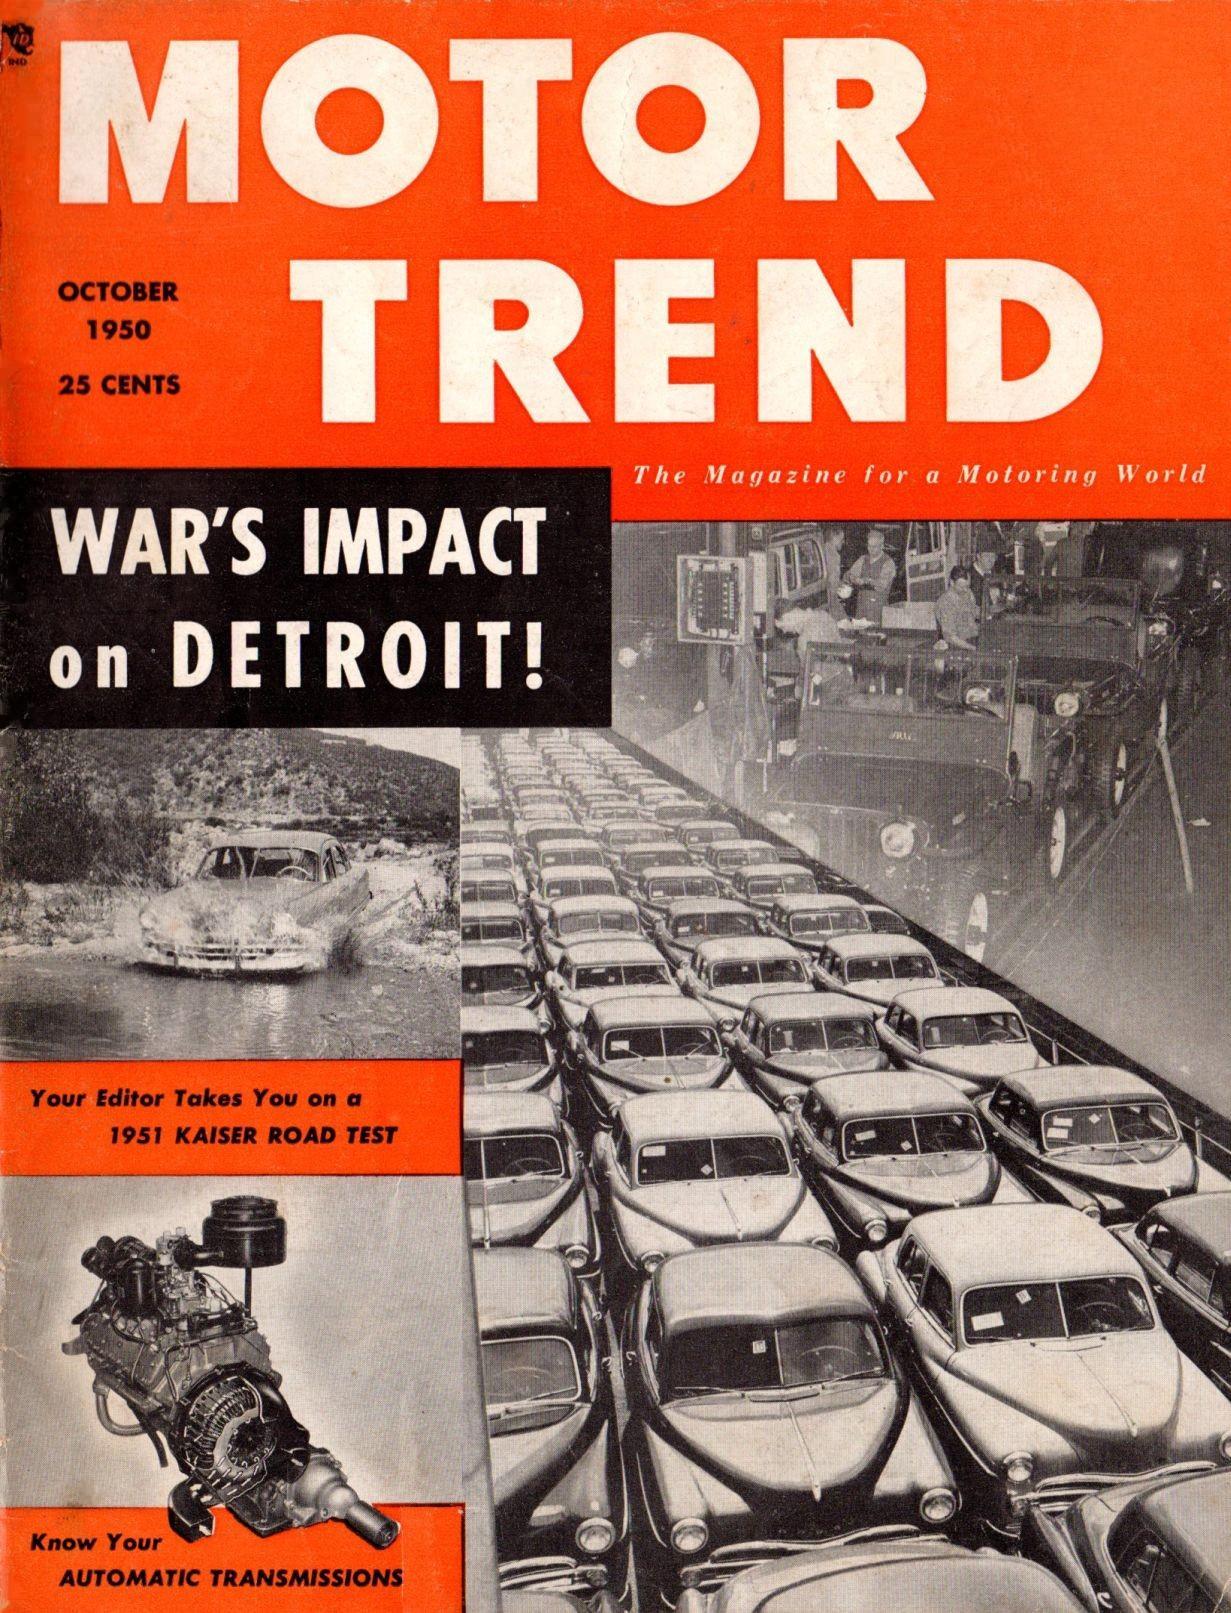 automotivetimelines blog free download for october motor trend october 1950. Black Bedroom Furniture Sets. Home Design Ideas